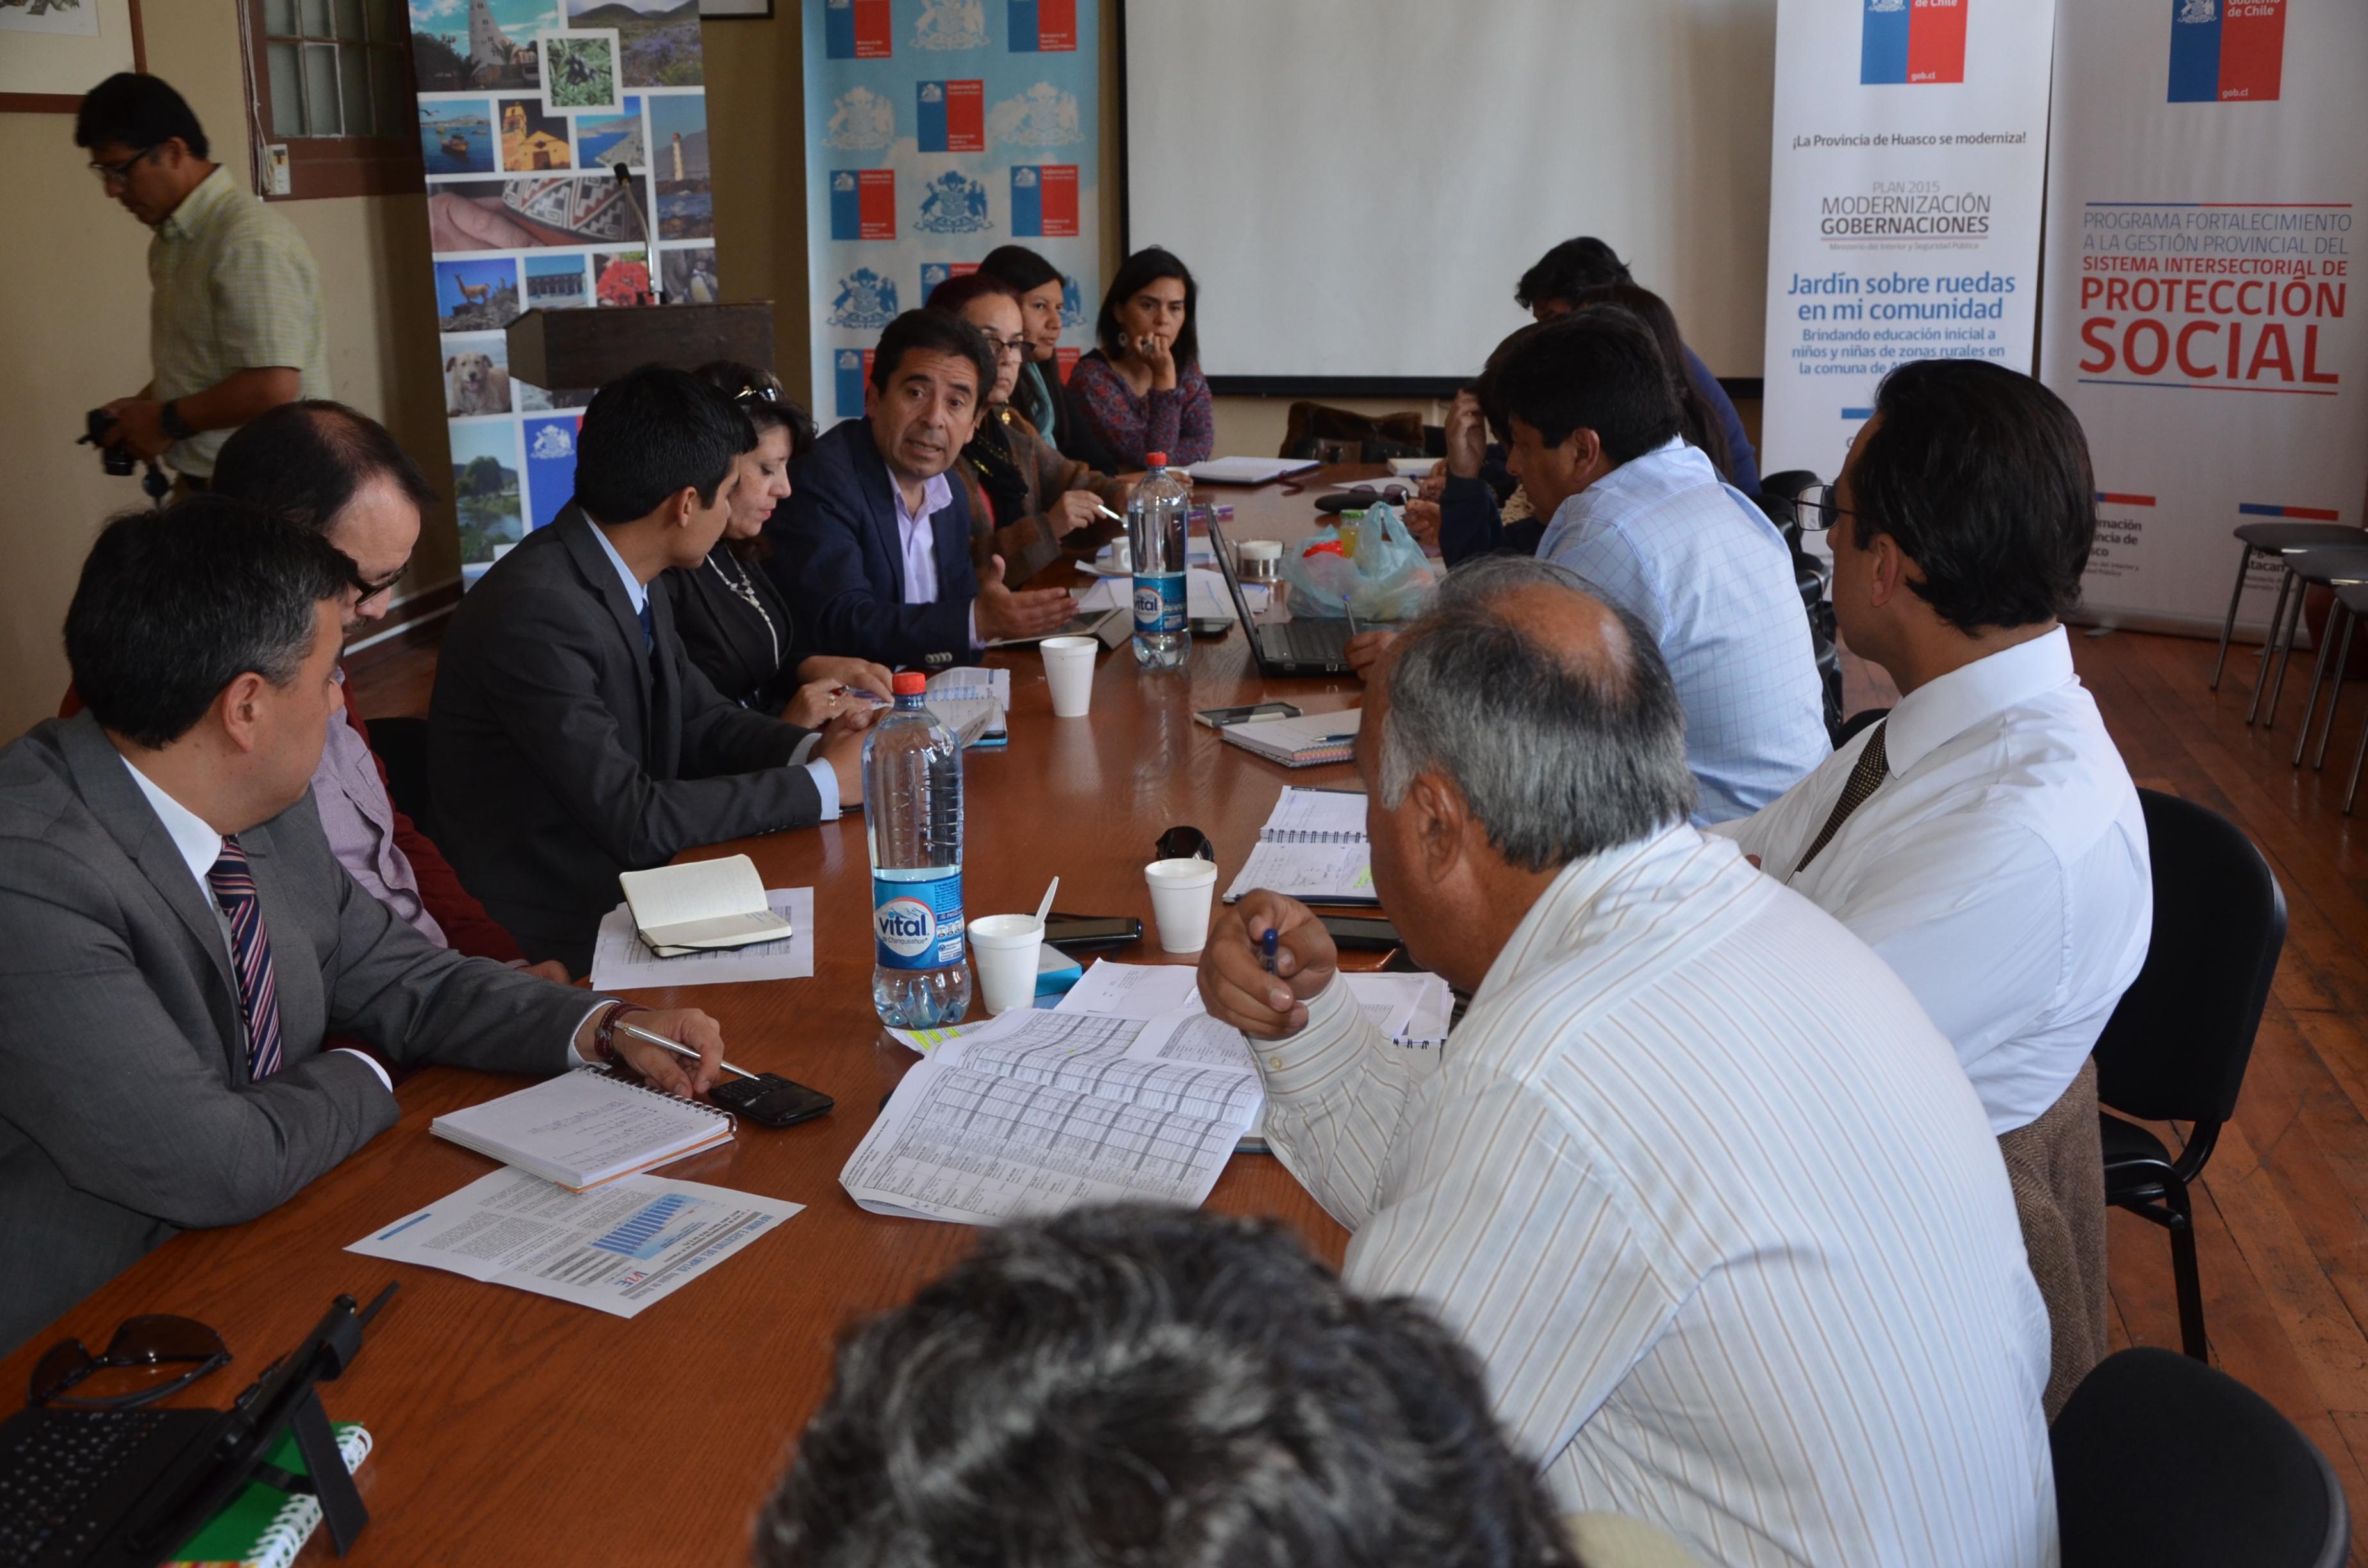 Anuncian 1500 empleos en diversas obras públicas para el Huasco en 2016